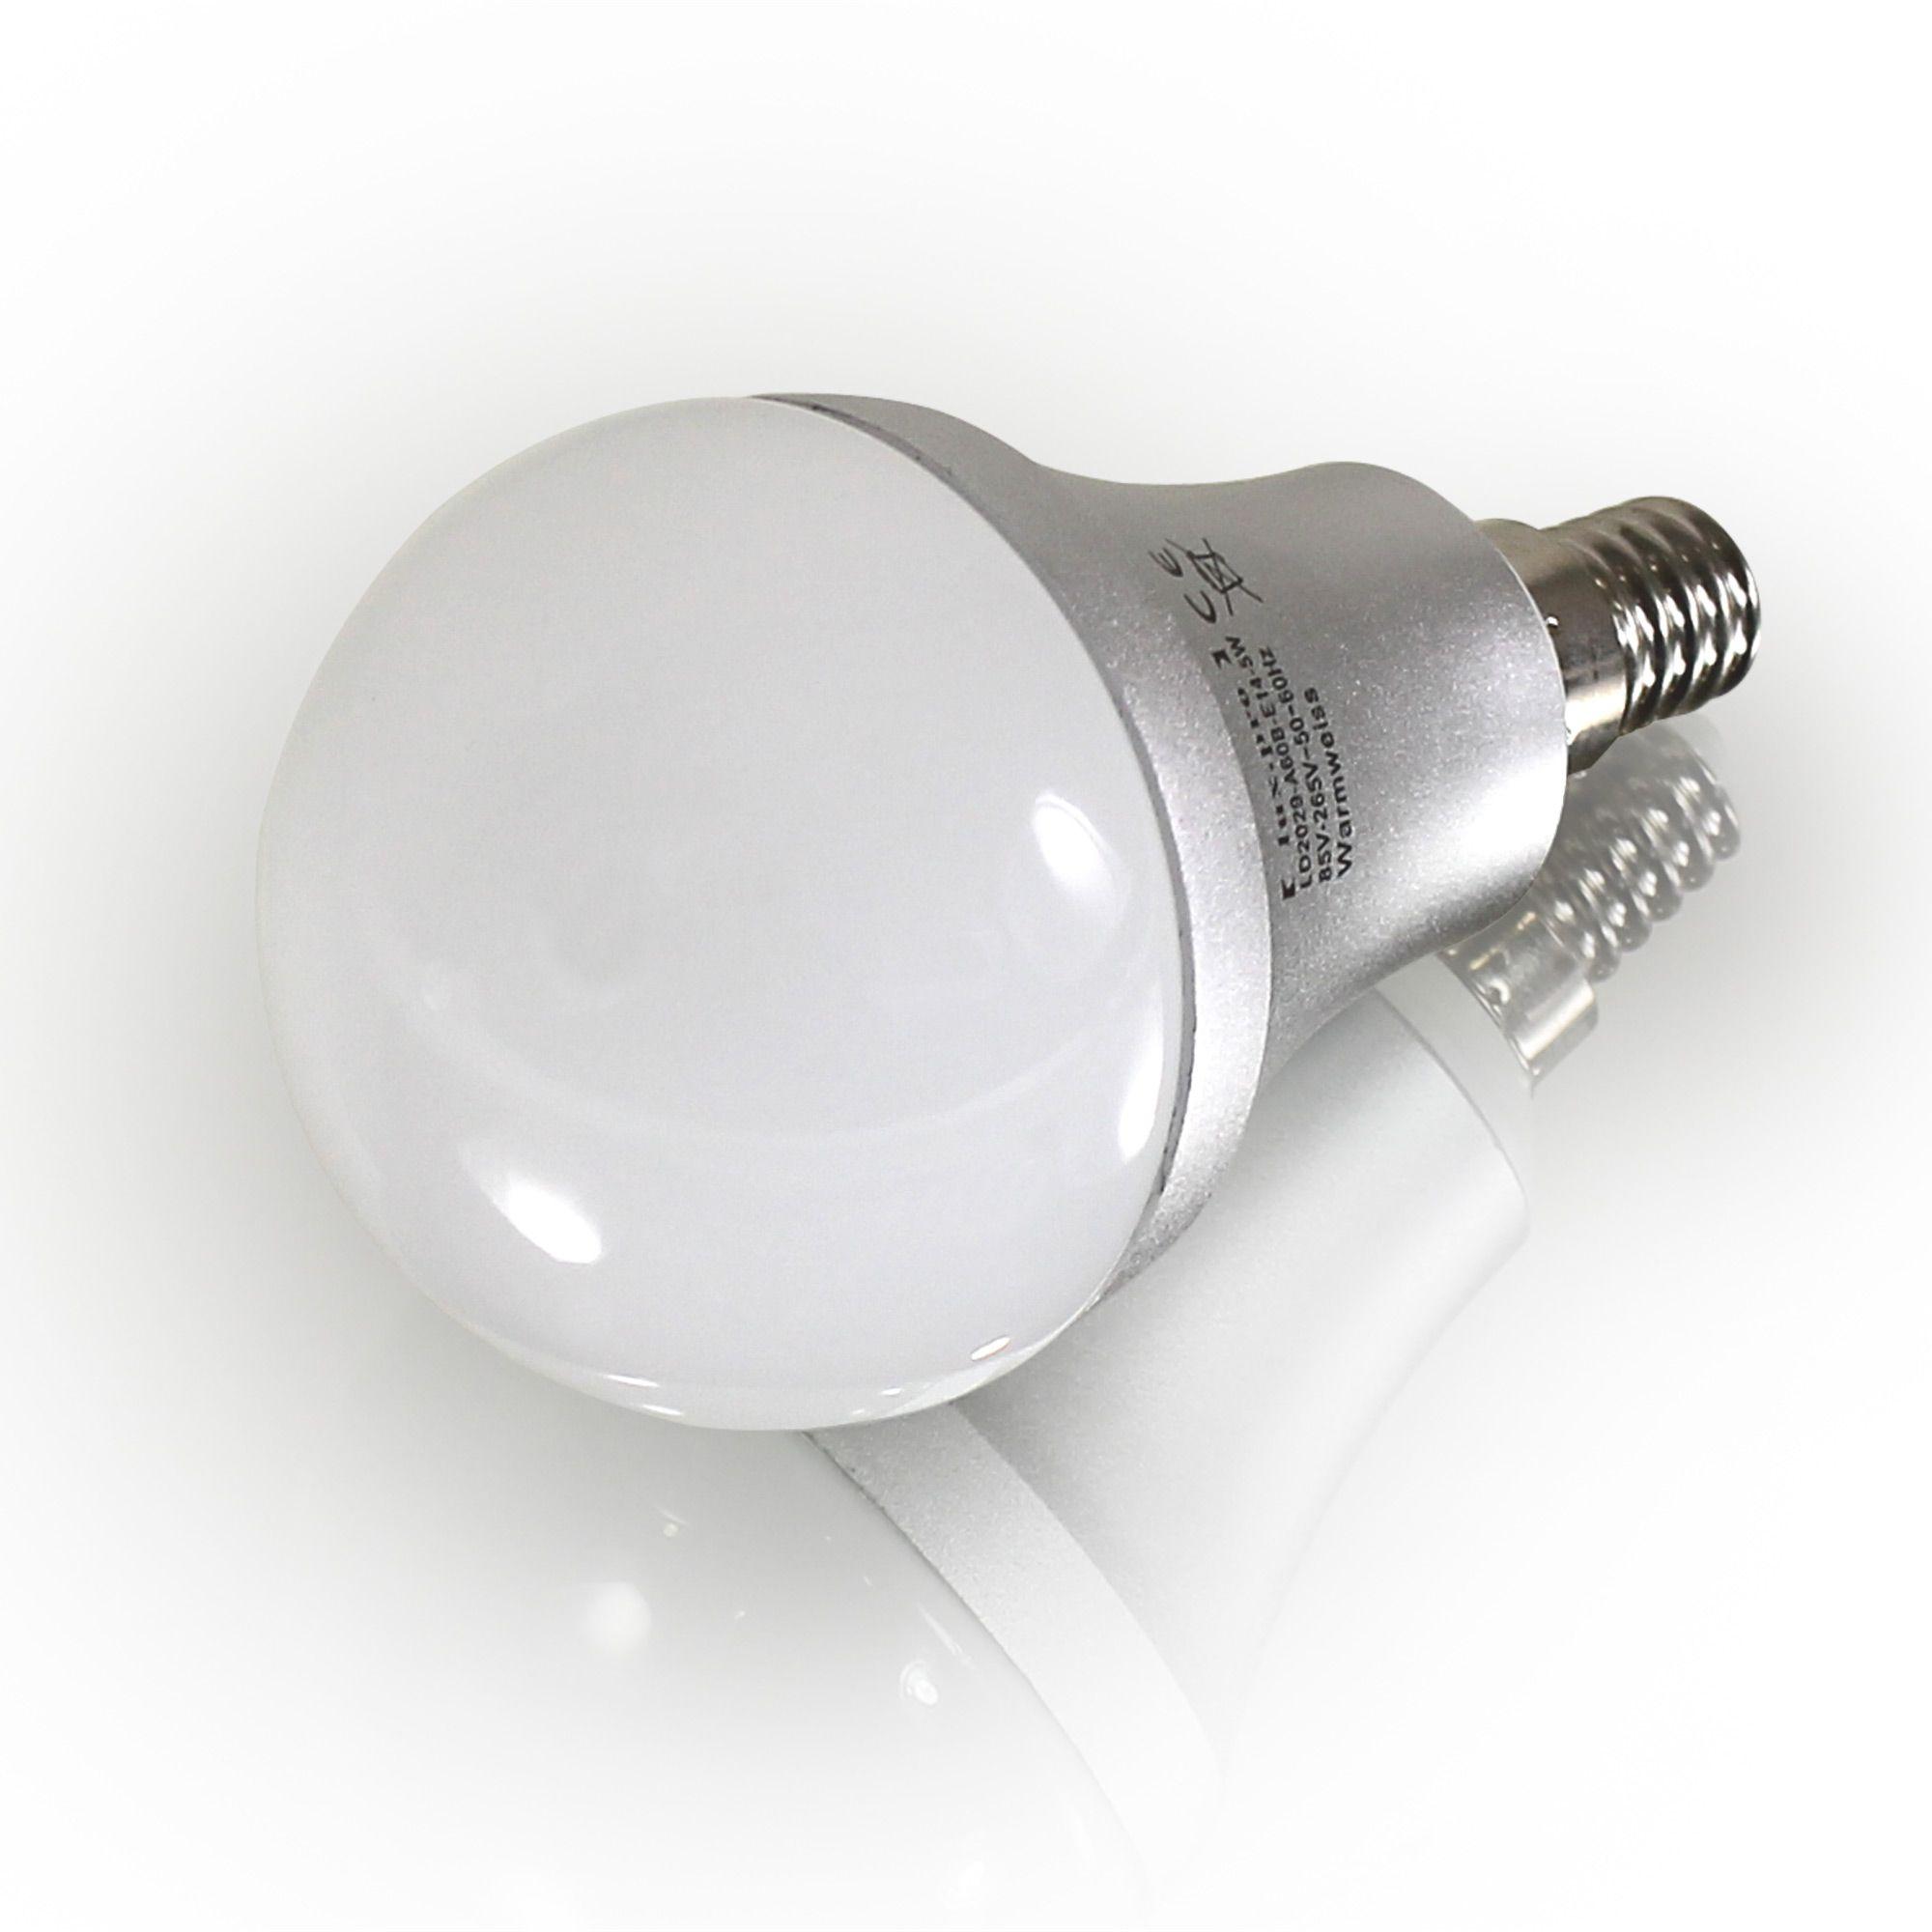 lux pro led deckenleuchte h ngeleuchte 6 flammig deckenlampe pendelleuchte lampe ebay. Black Bedroom Furniture Sets. Home Design Ideas